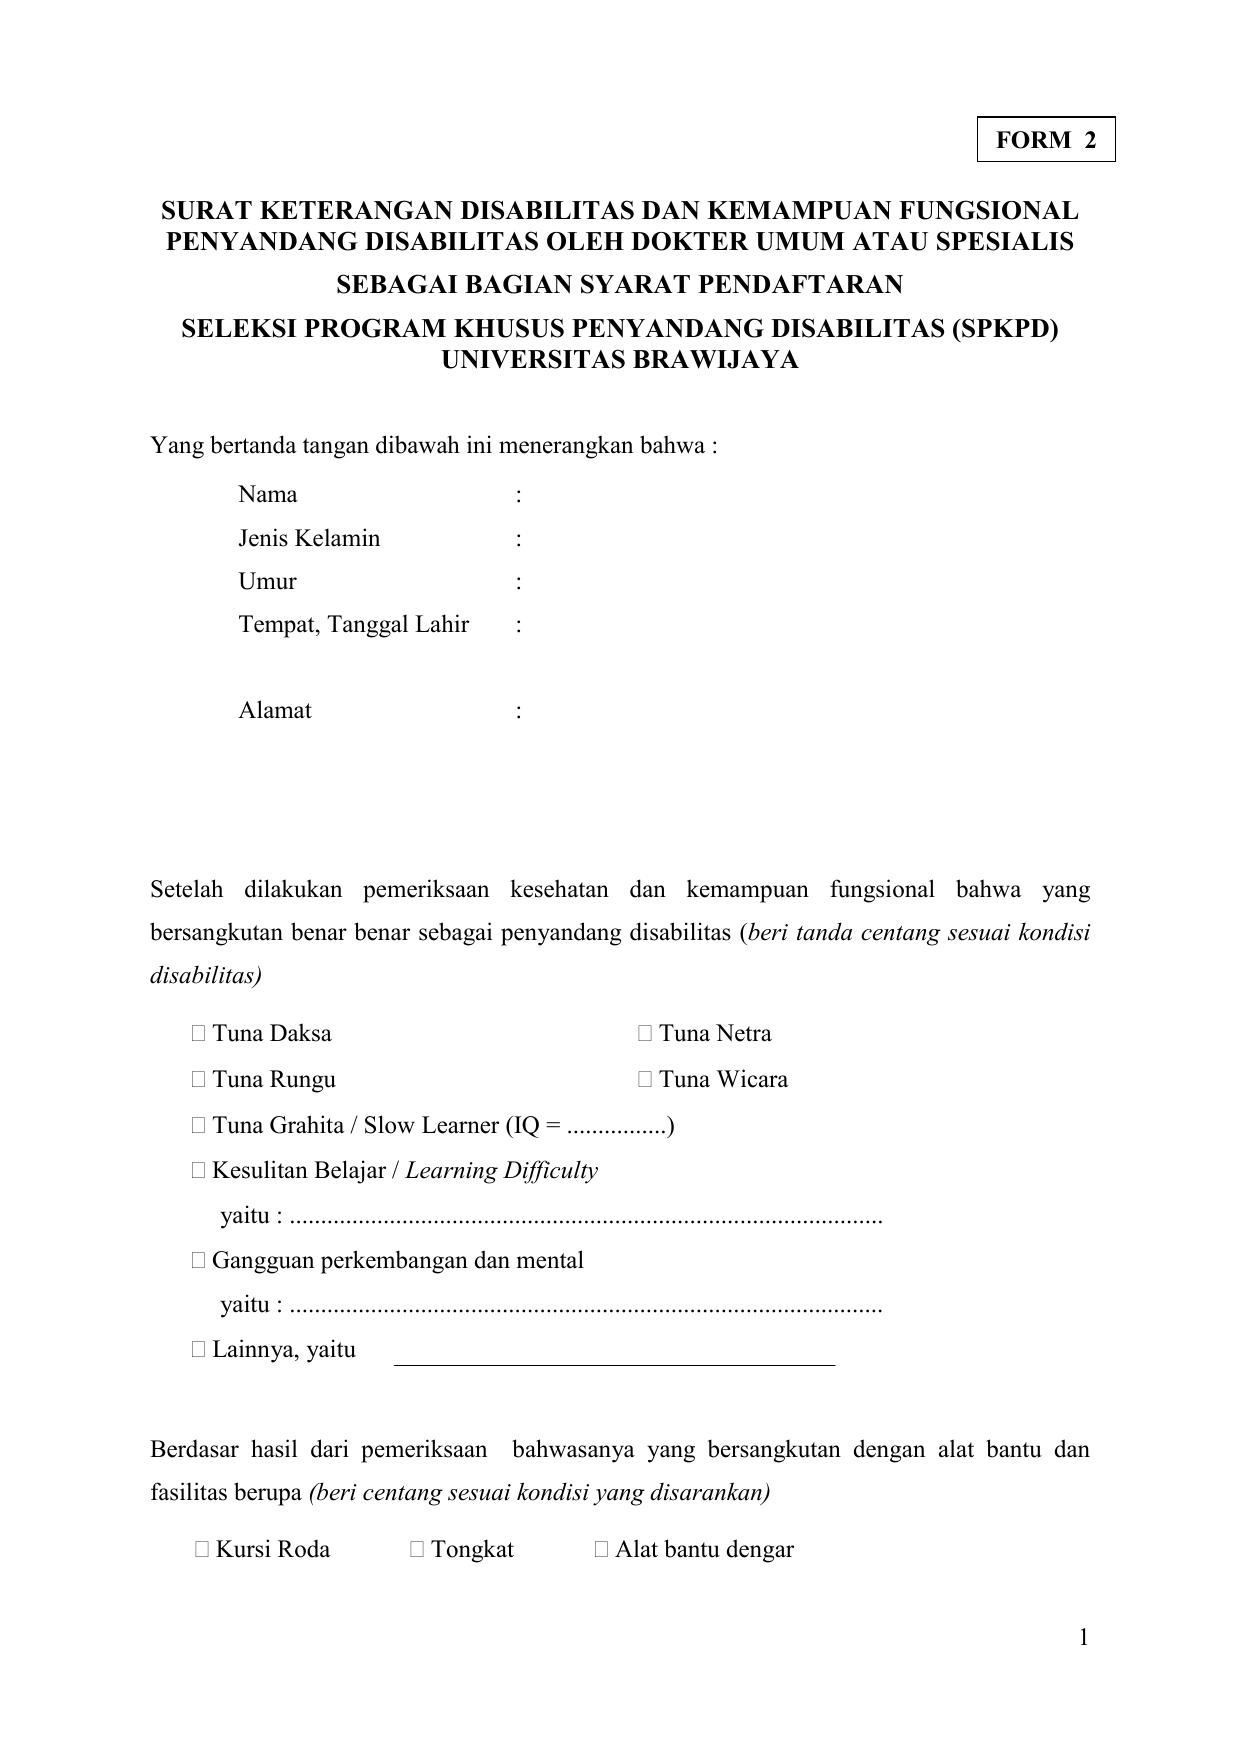 Surat Keterangan Disabilitas Dan Kemampuan Fungsional